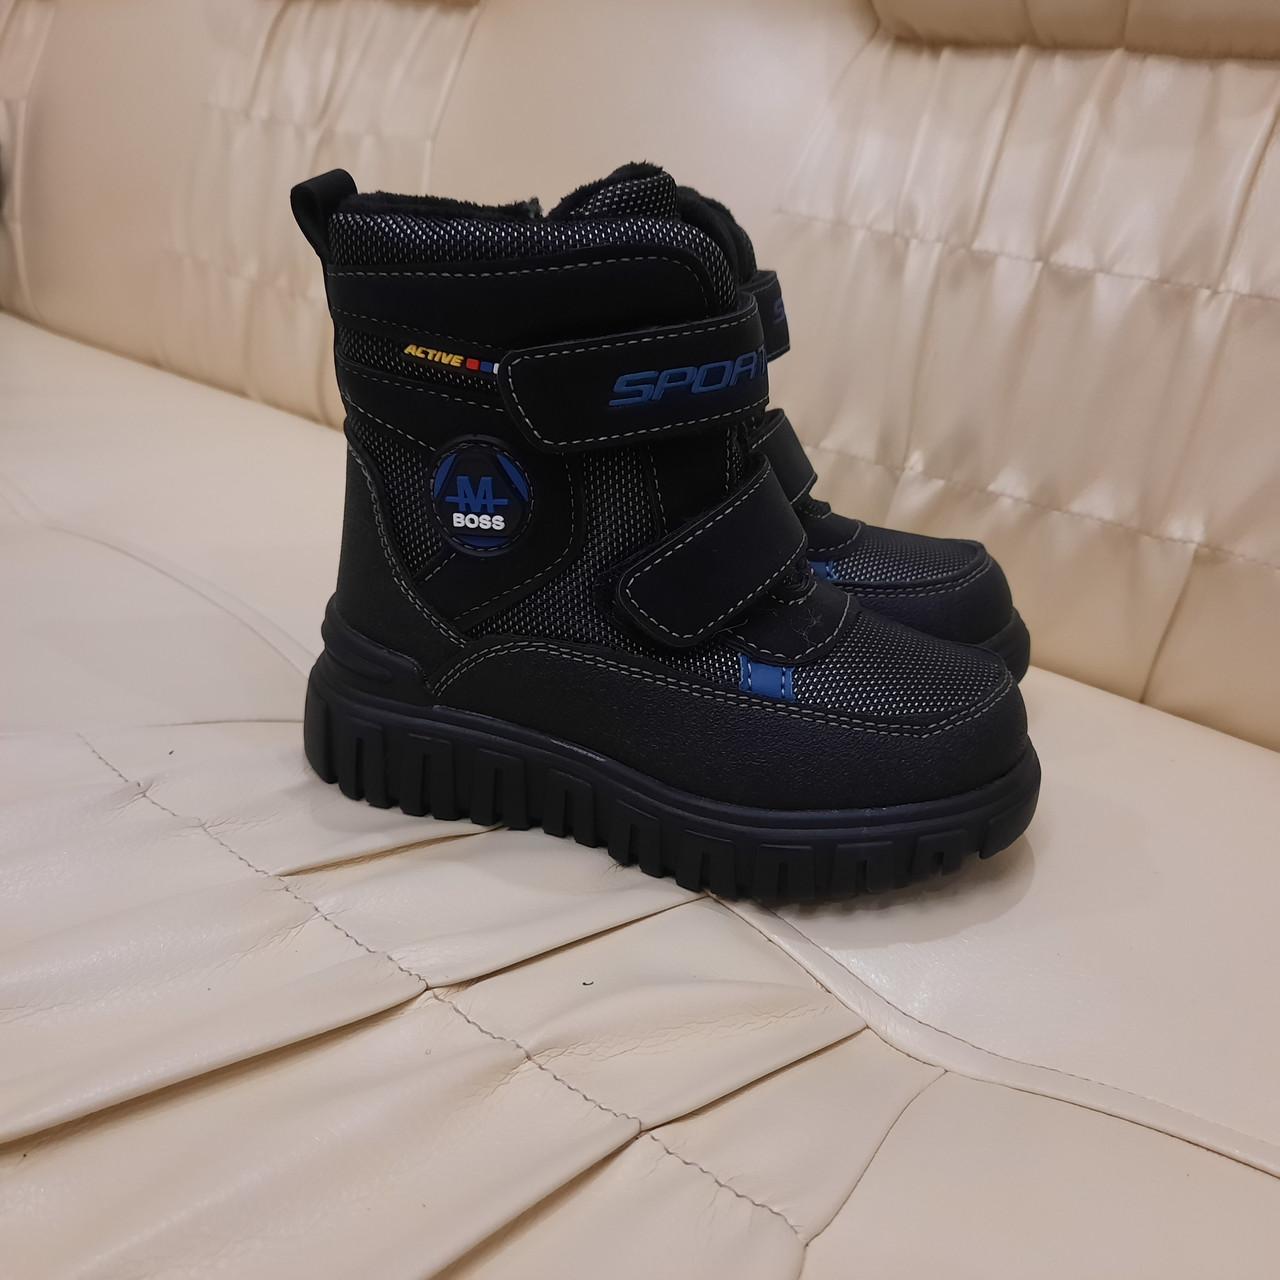 Зимние детские сапожки ботинки размеры 23 24 25 26 27 28